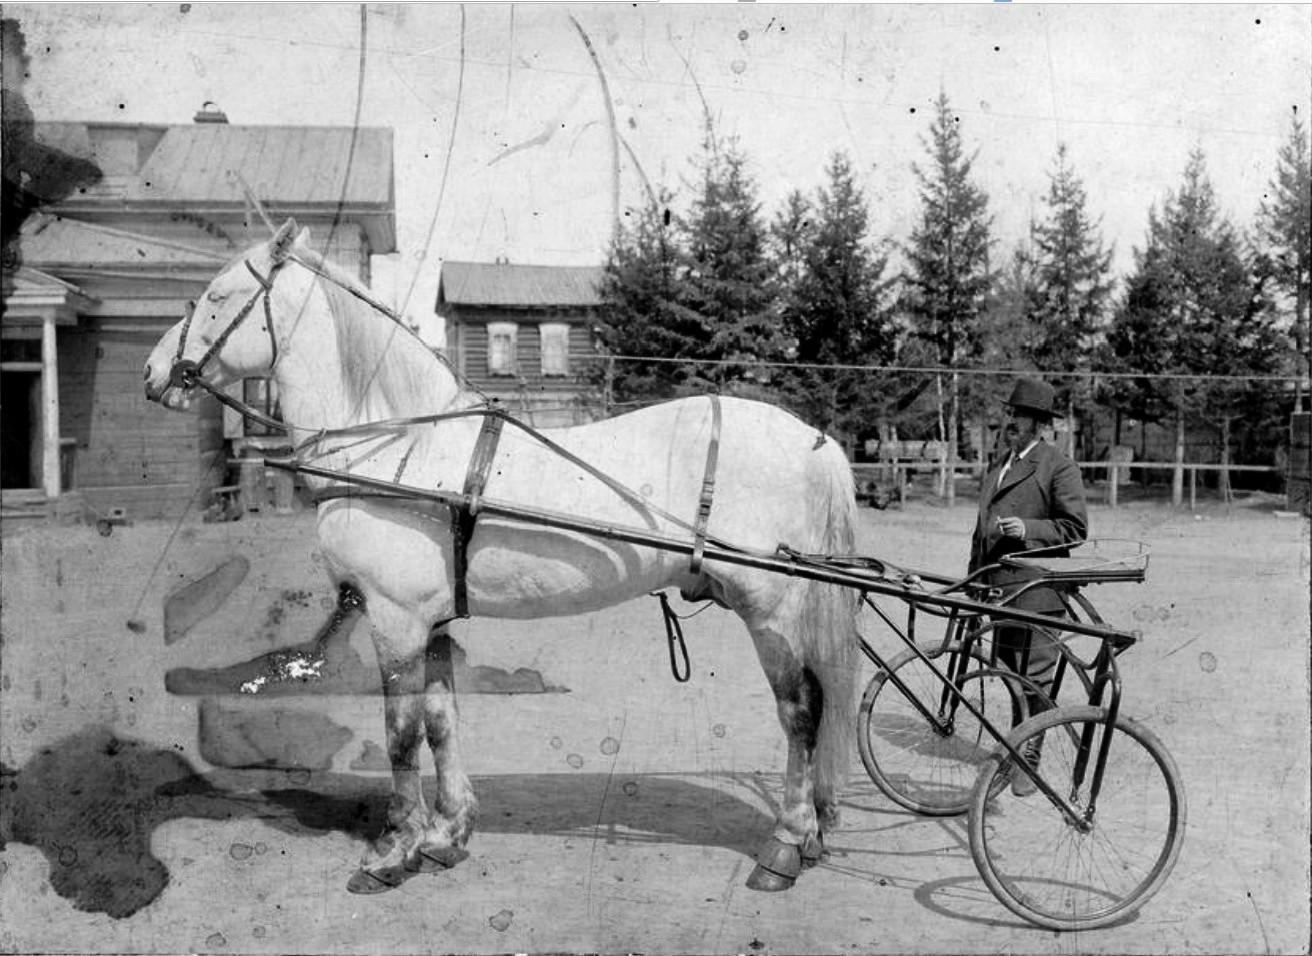 Иркутский купец Иван Николаевич Алексеев во дворе собственной усадьбы. Алексеев рядом с коляской для скачек. 1910